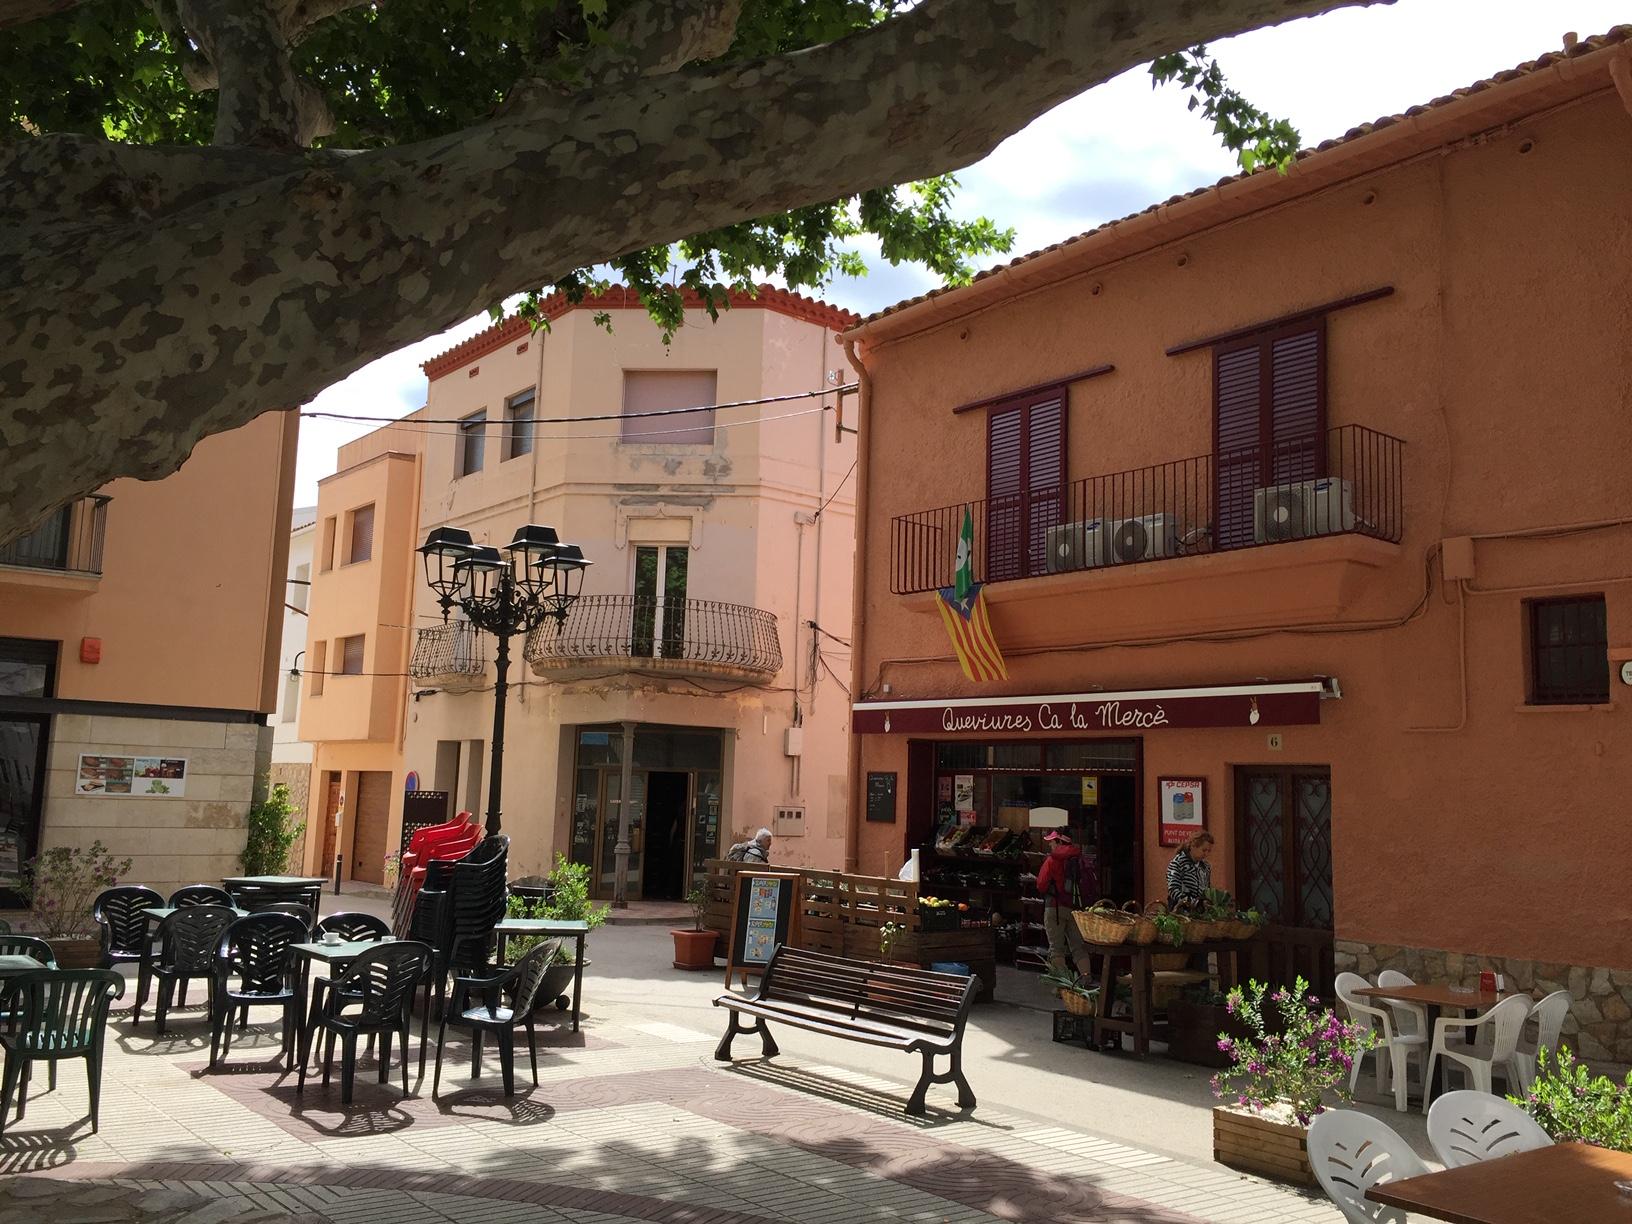 Der Ort hat eine hübsche kleine Innenstadt. Perfekt, um dort frühstücken zu gehen.